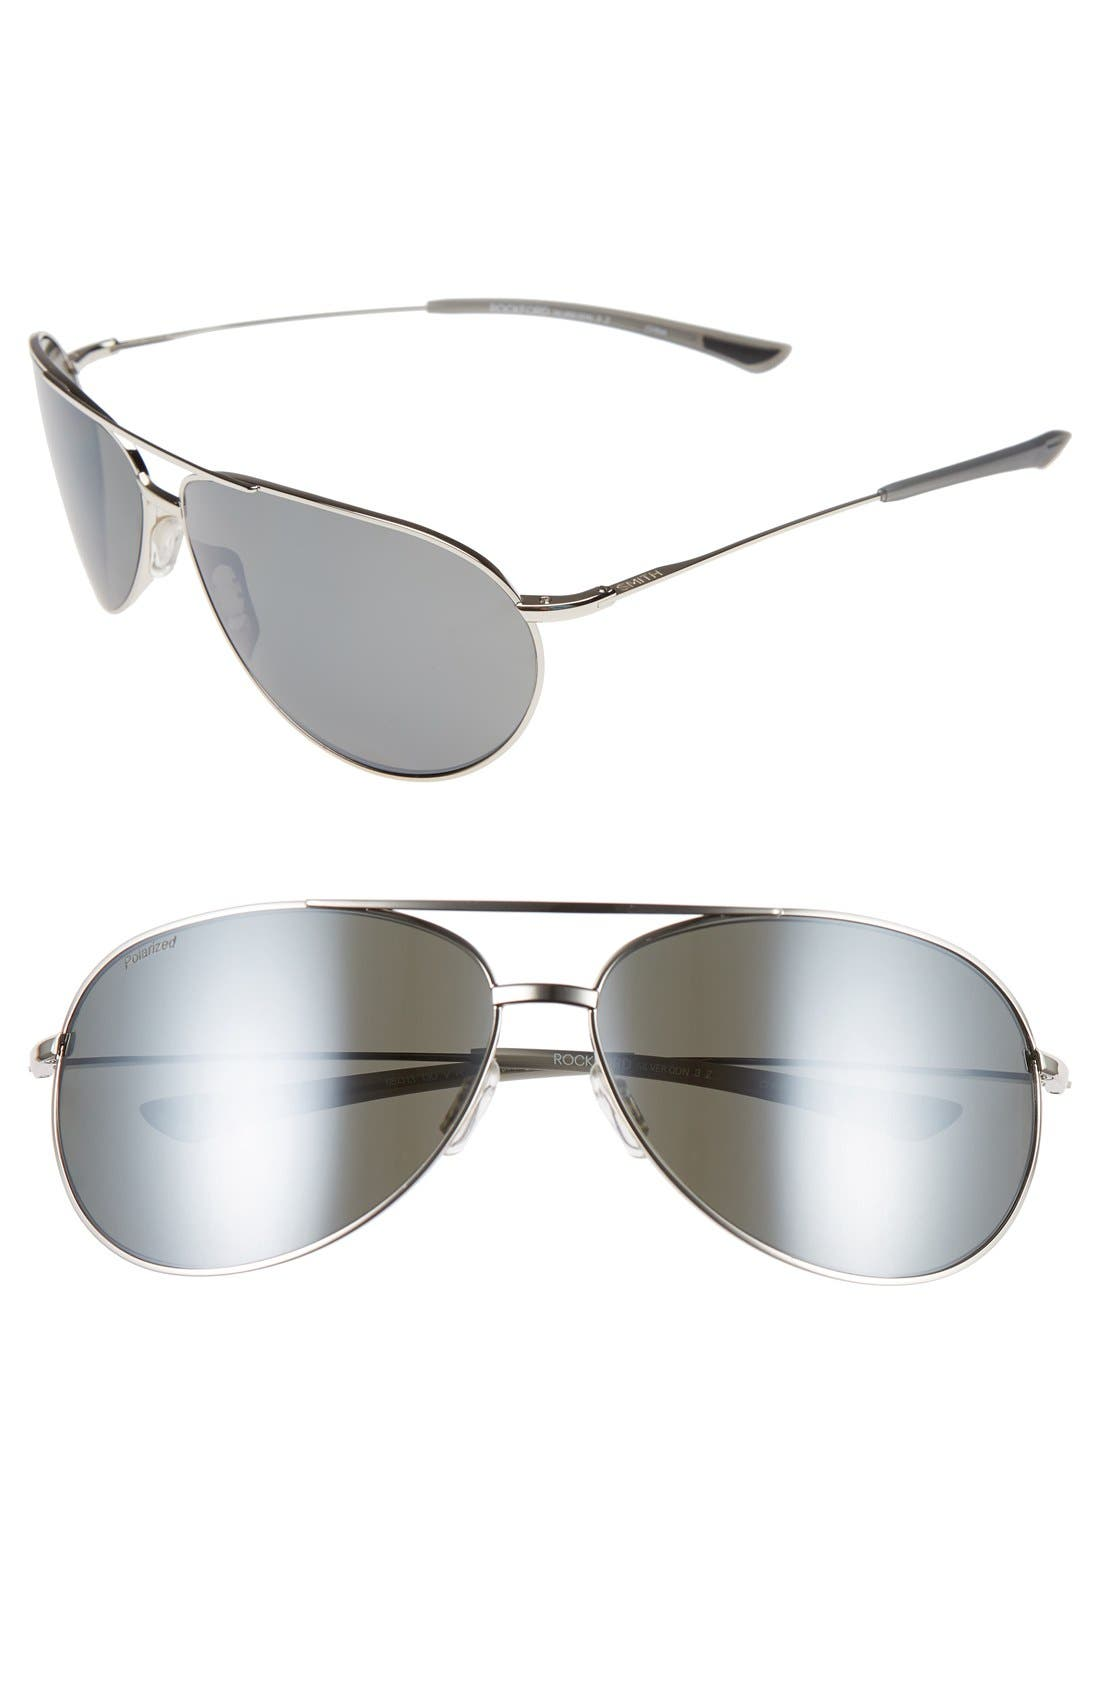 Main Image - Smith 'Rockford' 65mm Polarized Aviator Sunglasses